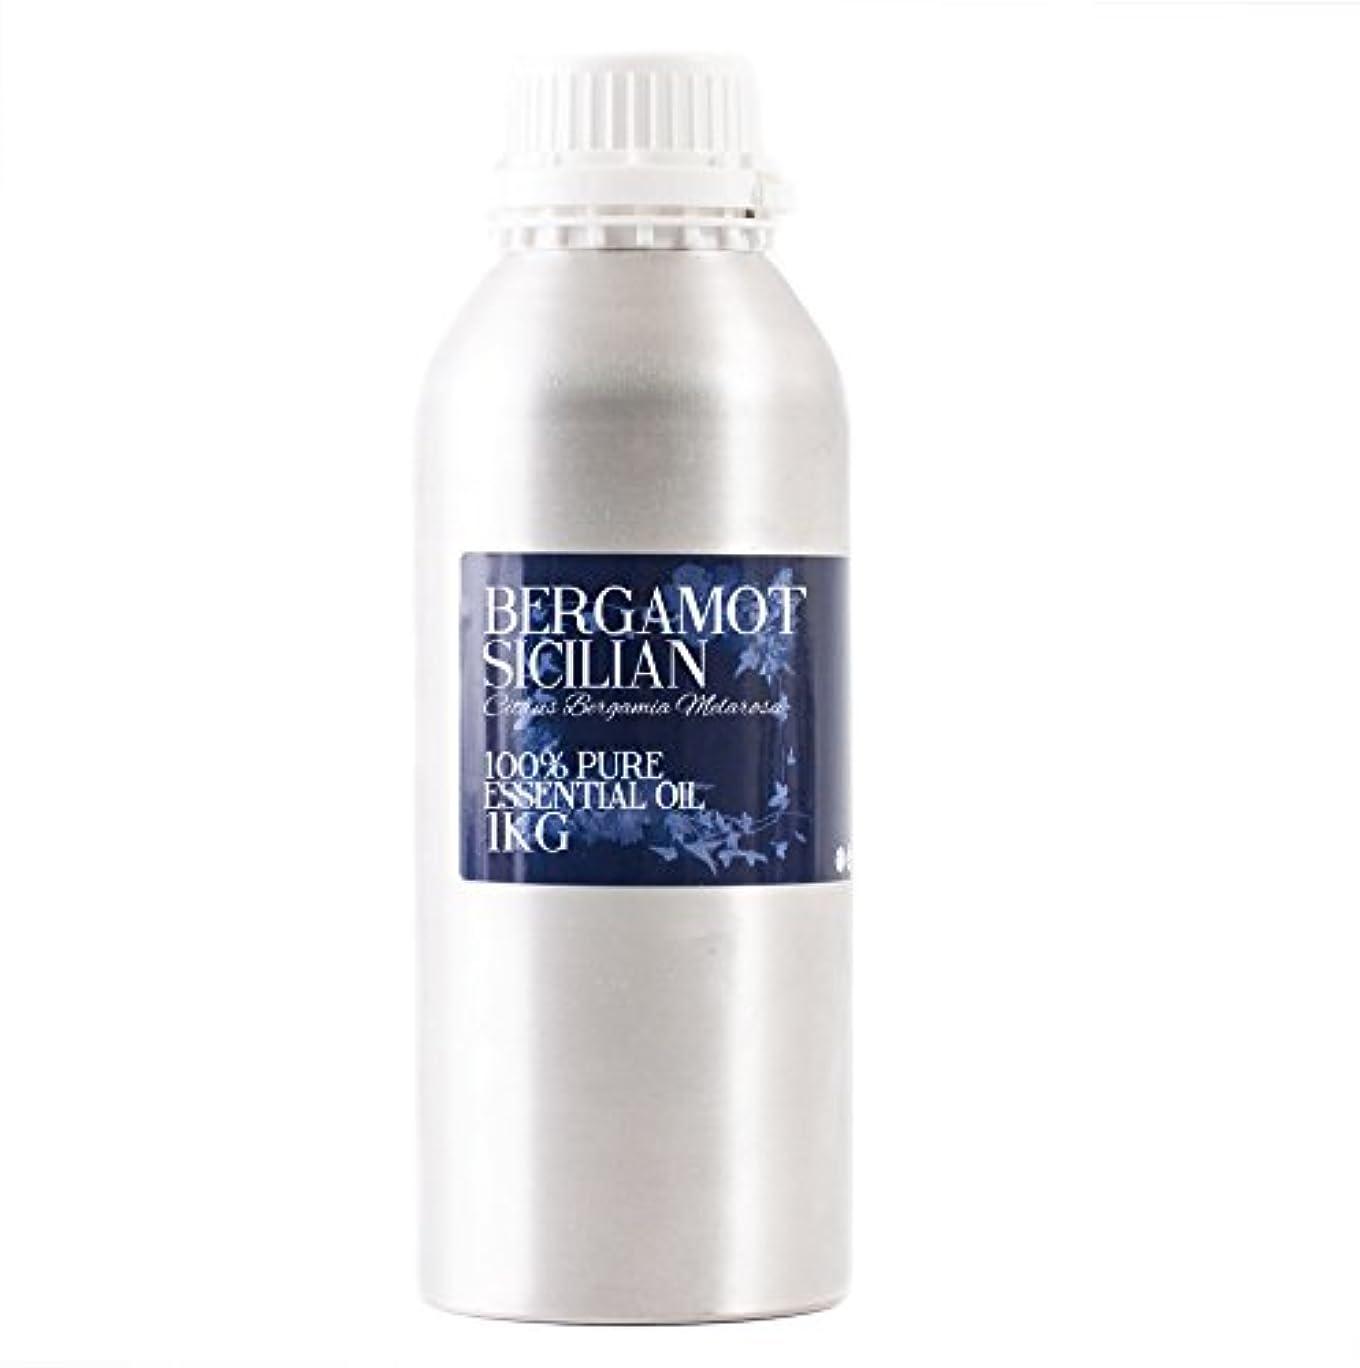 凶暴な救い振る舞うMystic Moments | Bergamot Sicilian Essential Oil - 1Kg - 100% Pure